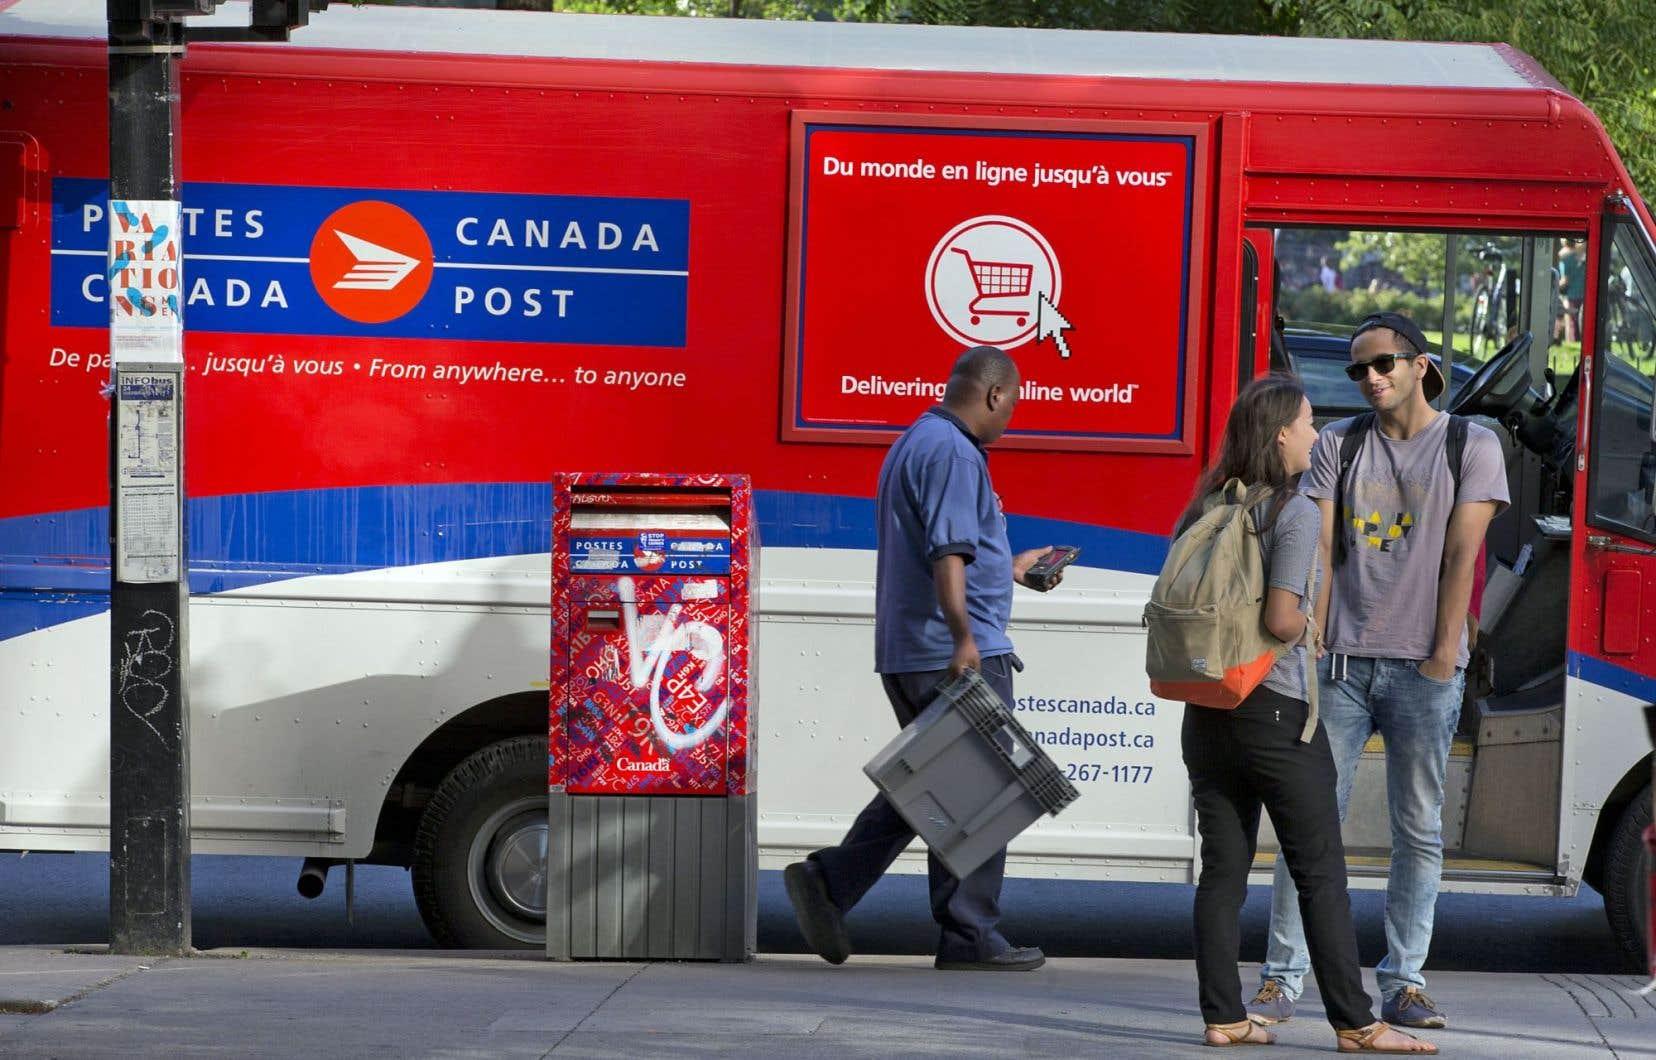 Le courrier continue sa descente, amorcée en 2006. Il a affiché une baisse de 6,1 % par rapport à 2014, se chiffrant à 239 millions d'articles.